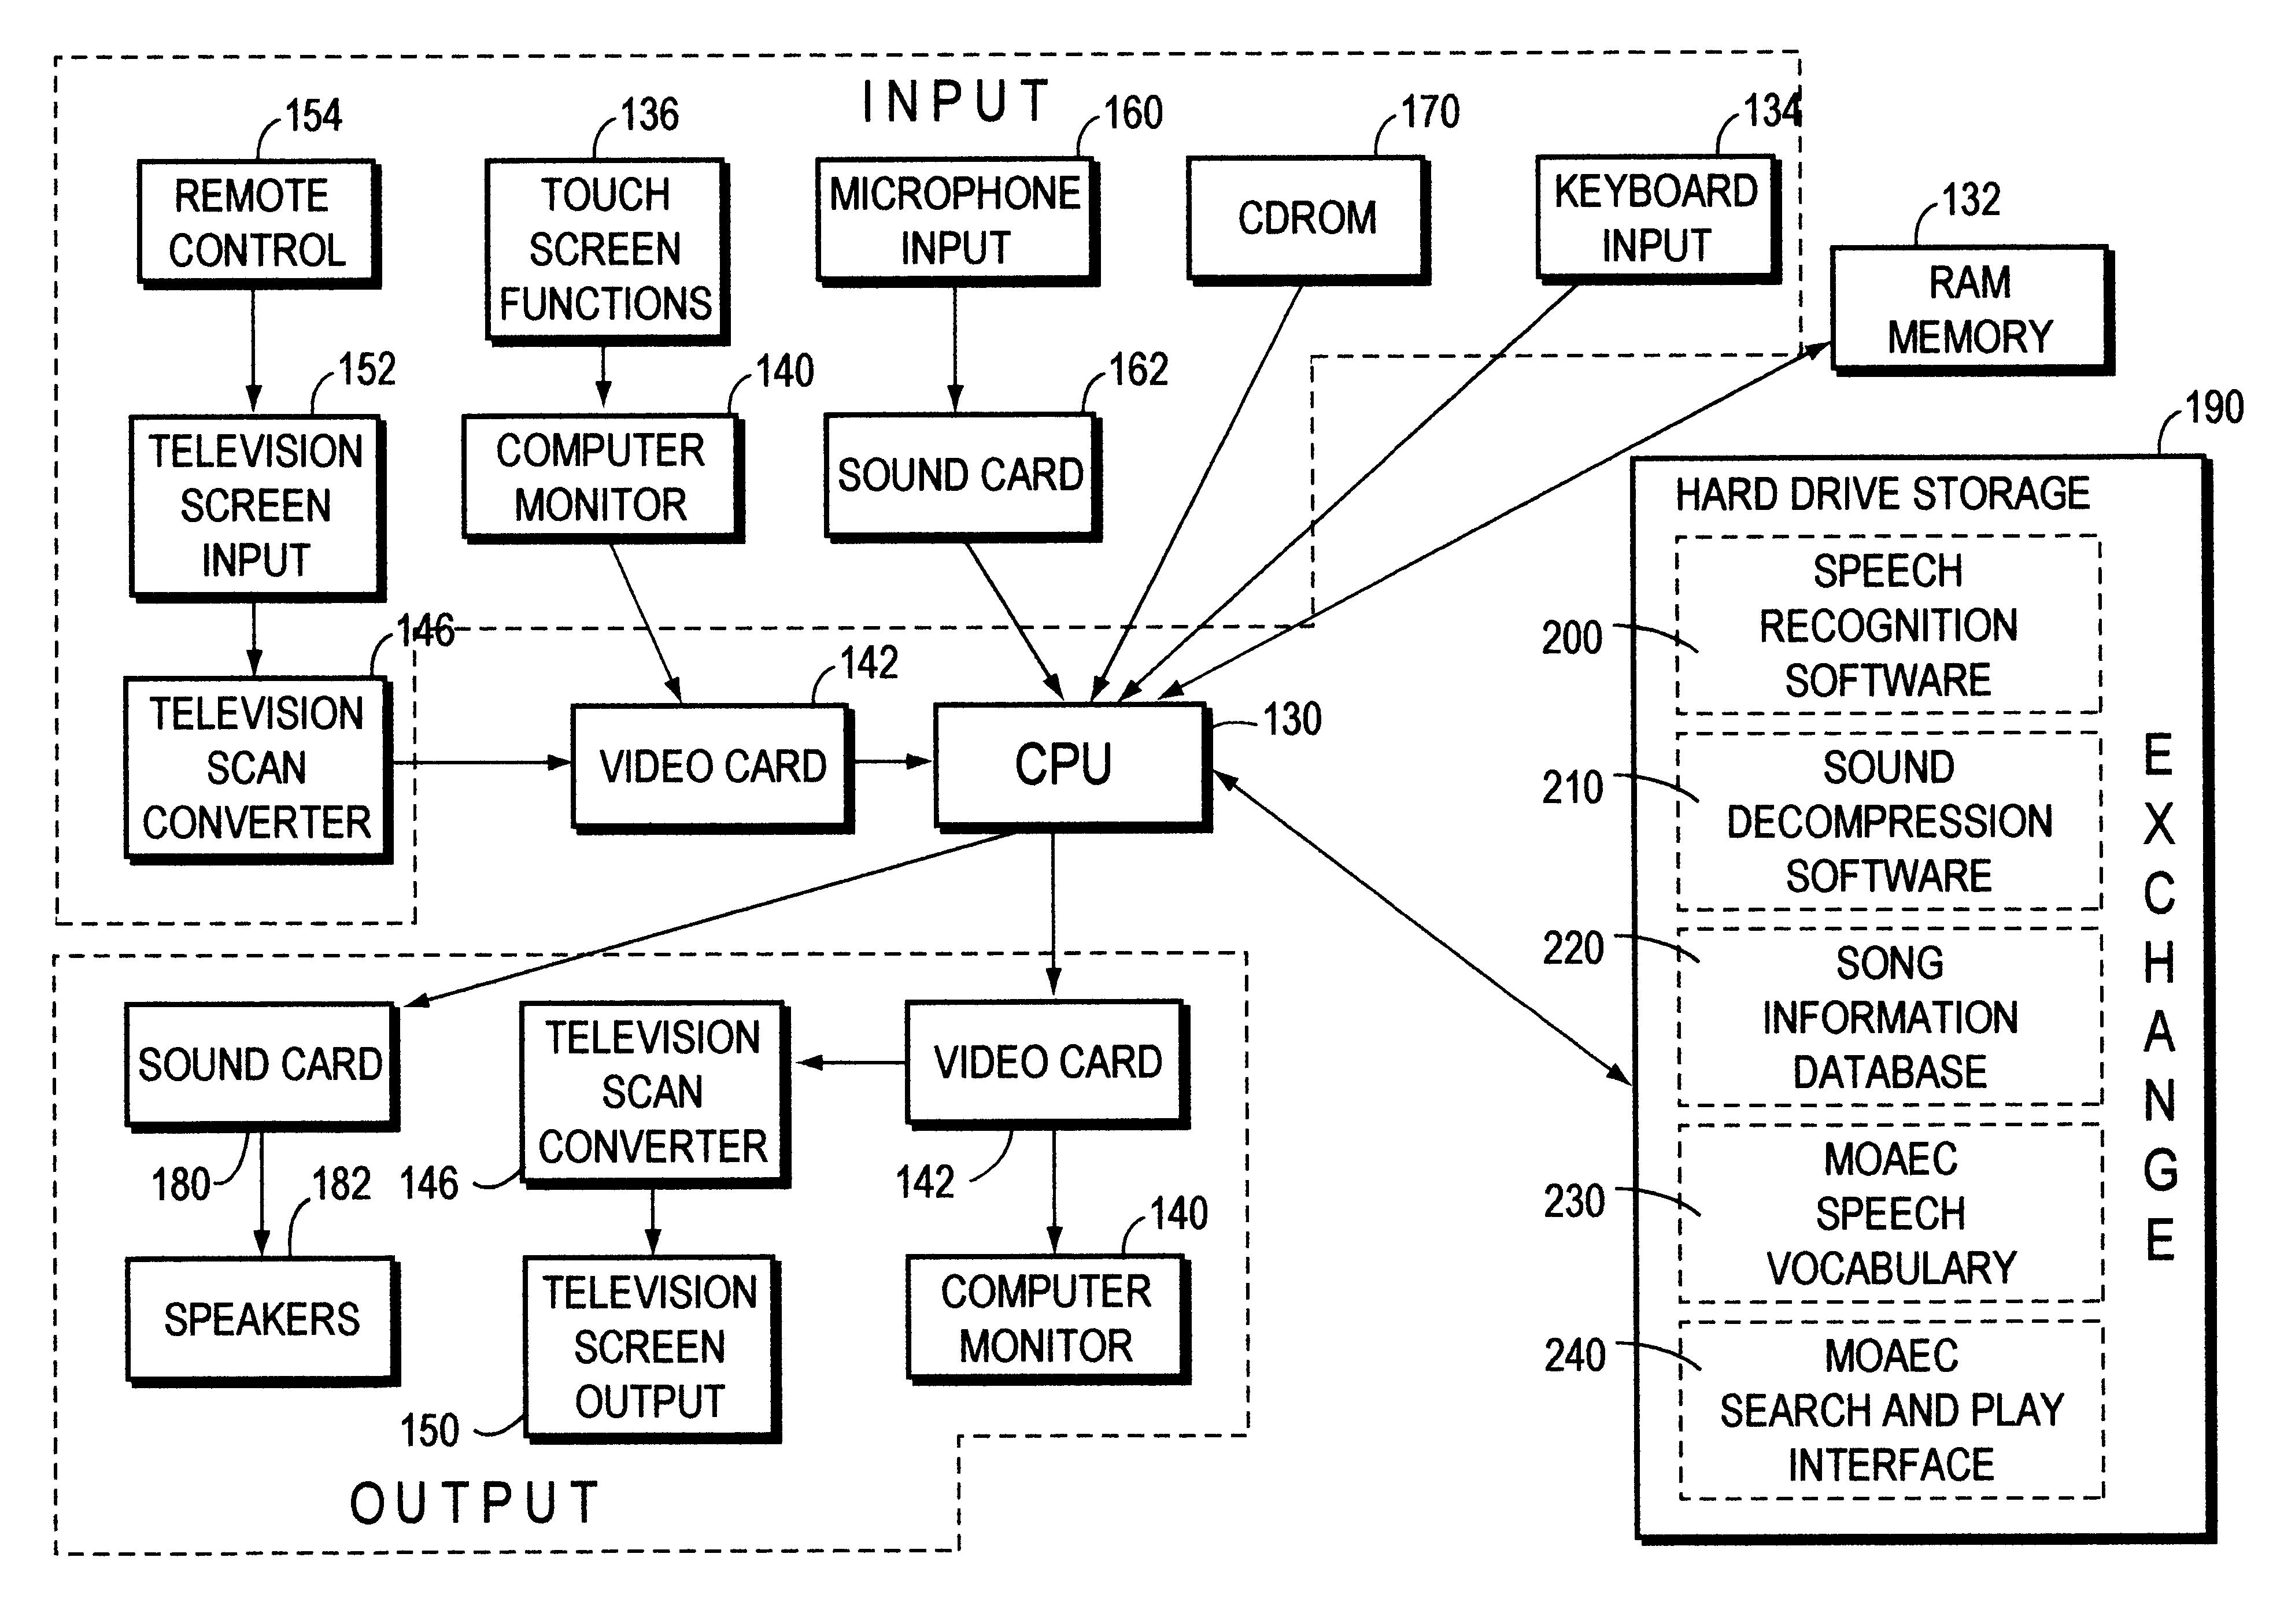 Patent Us 6232539 B1 Pentium 1 Block Diagram First Claim